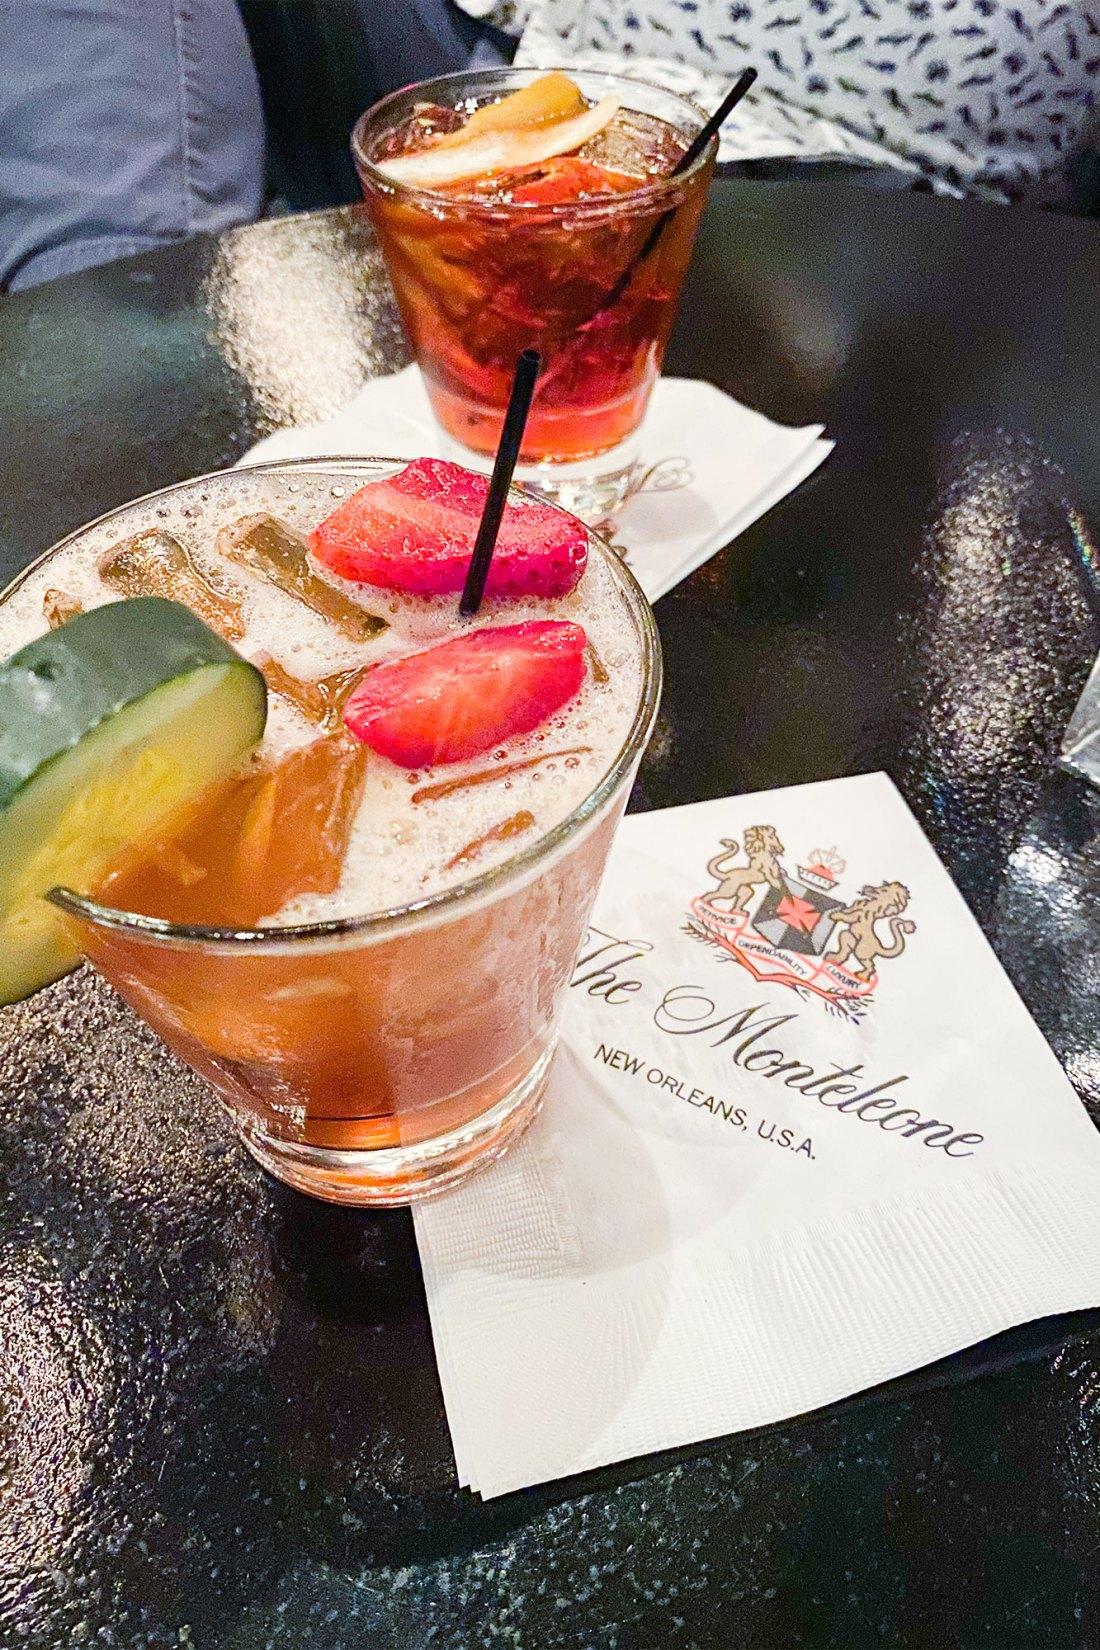 Garnished cocktail on napkin